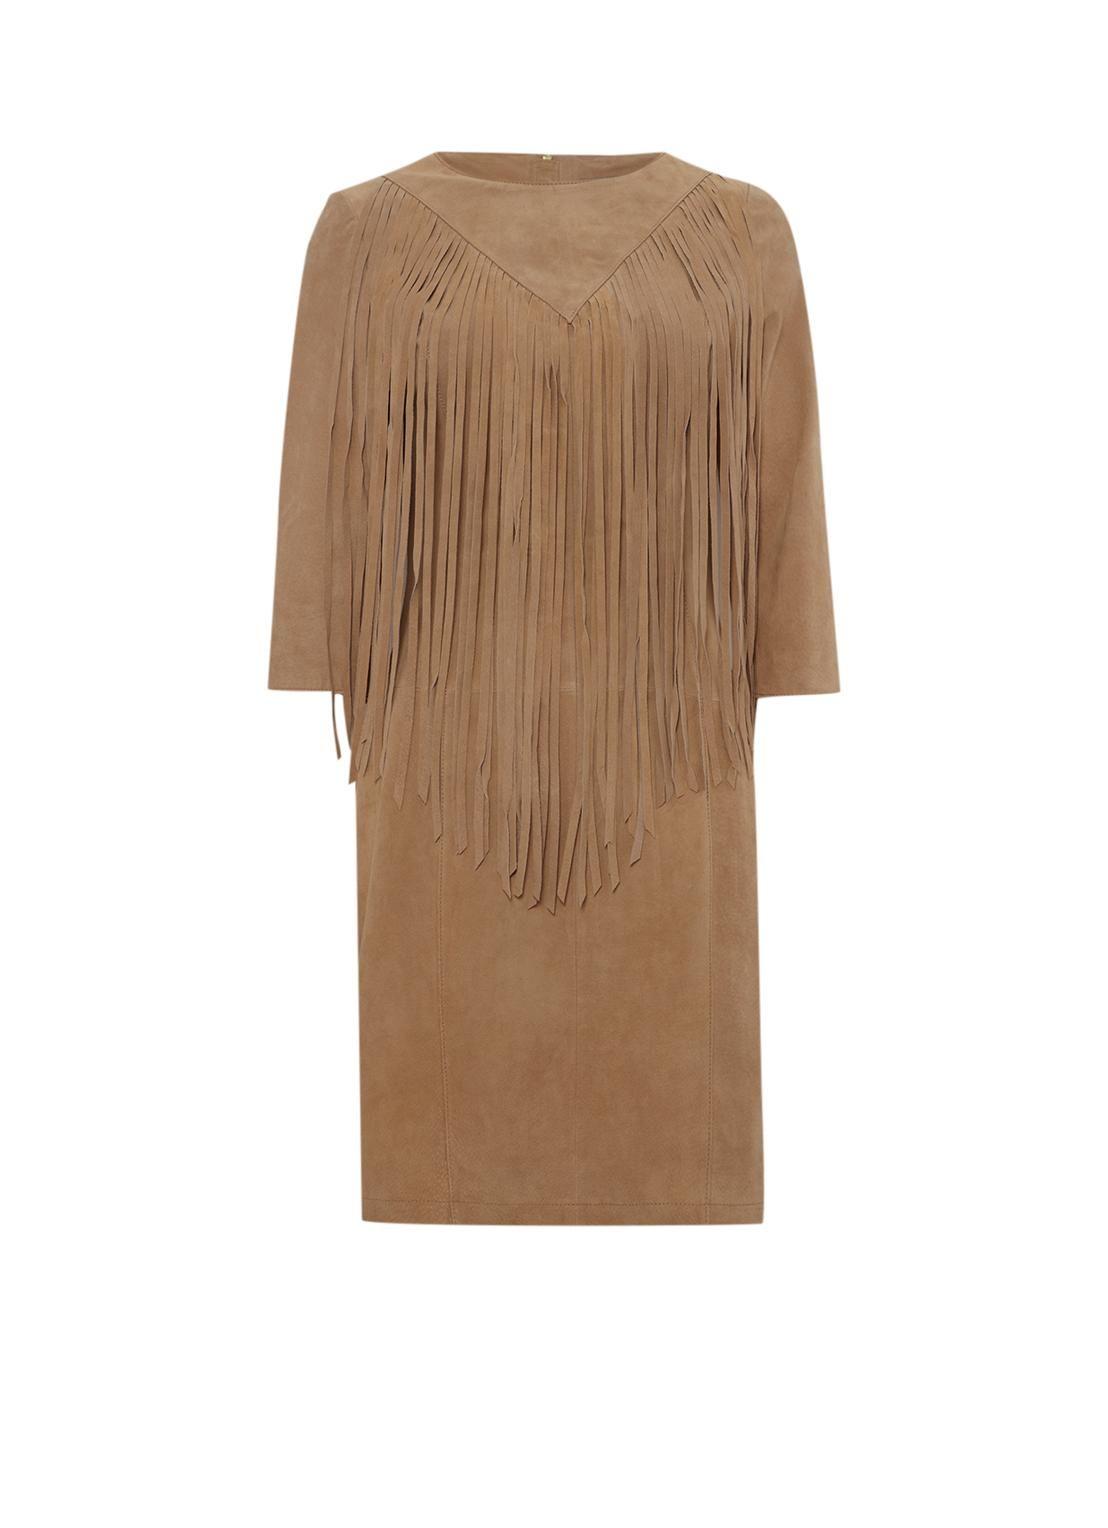 Suede jurk met franjes